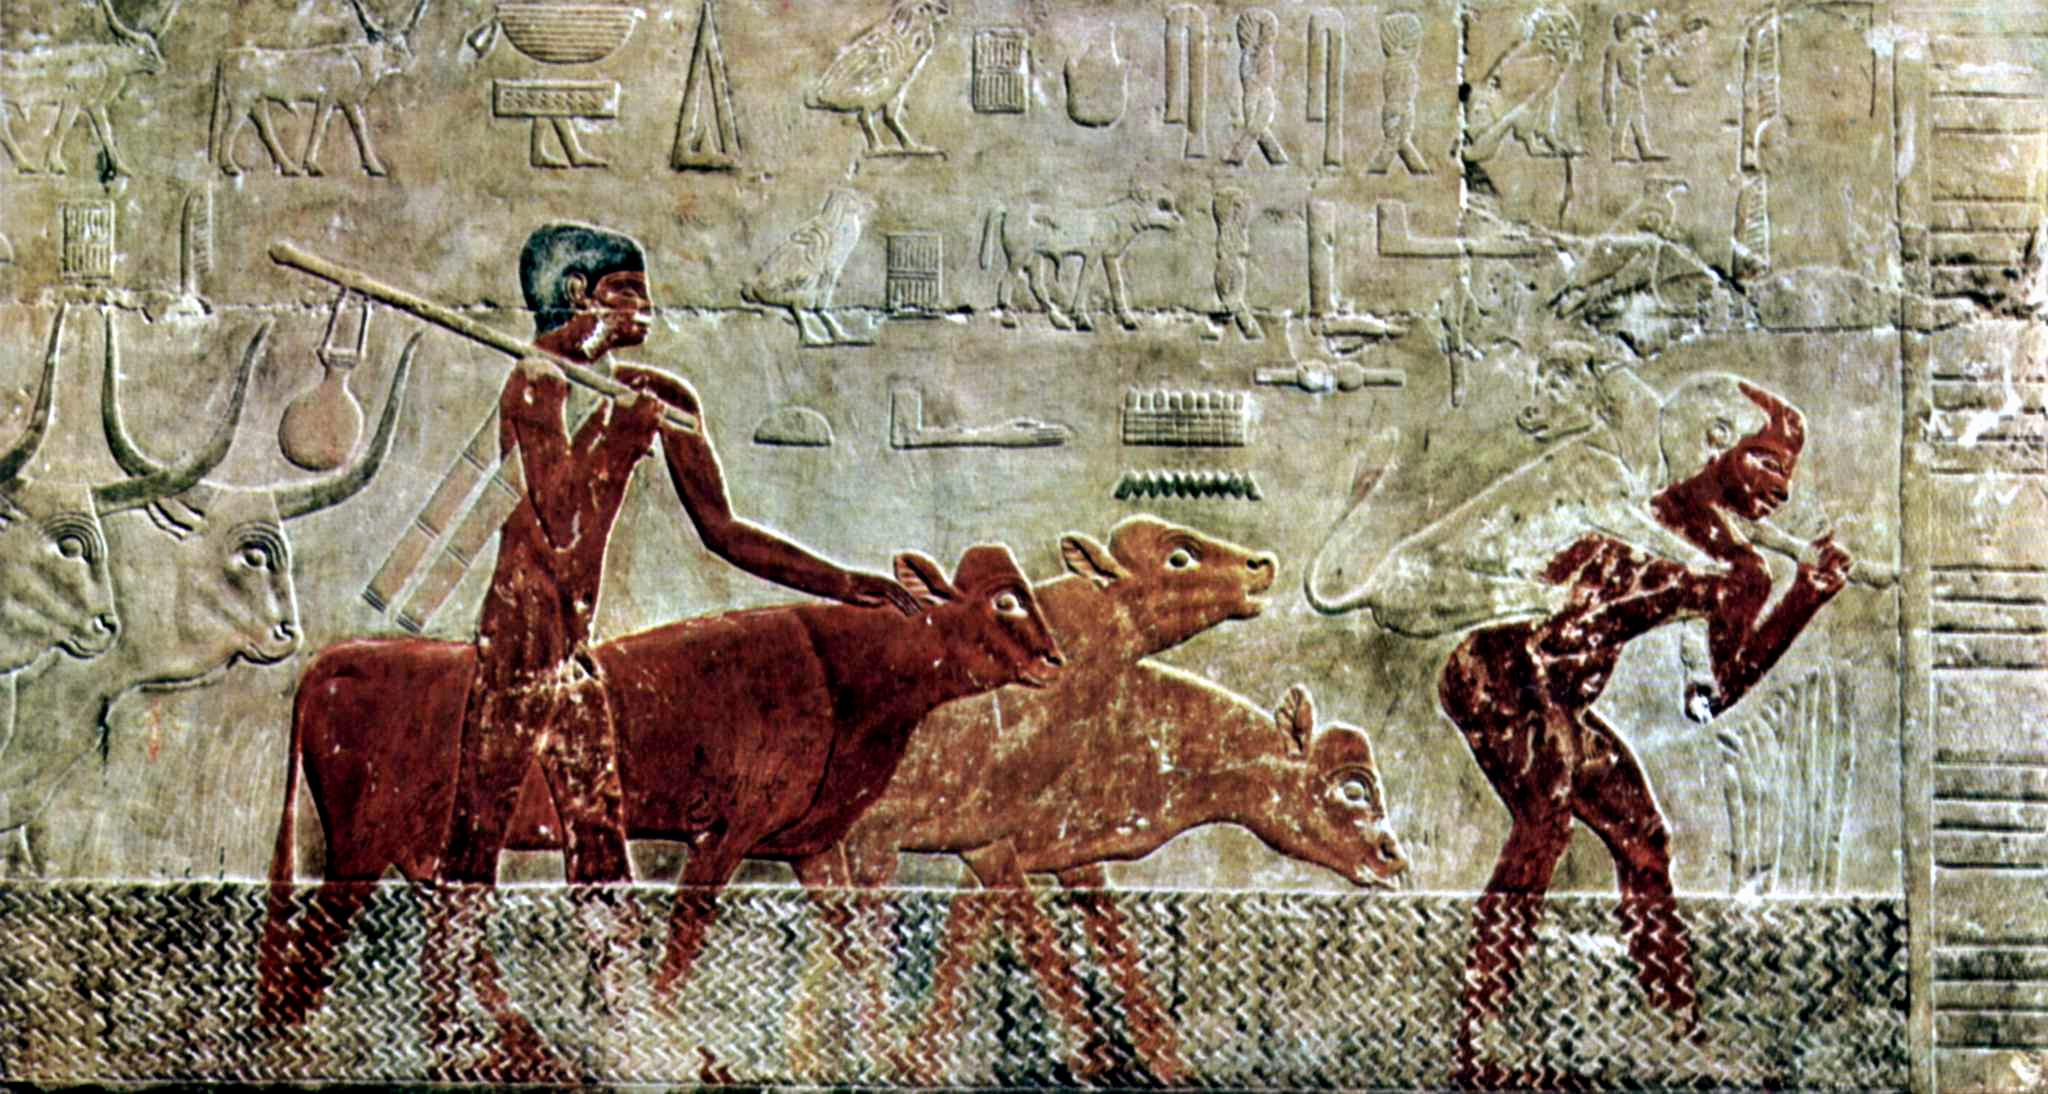 図4:2500 BCE頃のレリーフ。